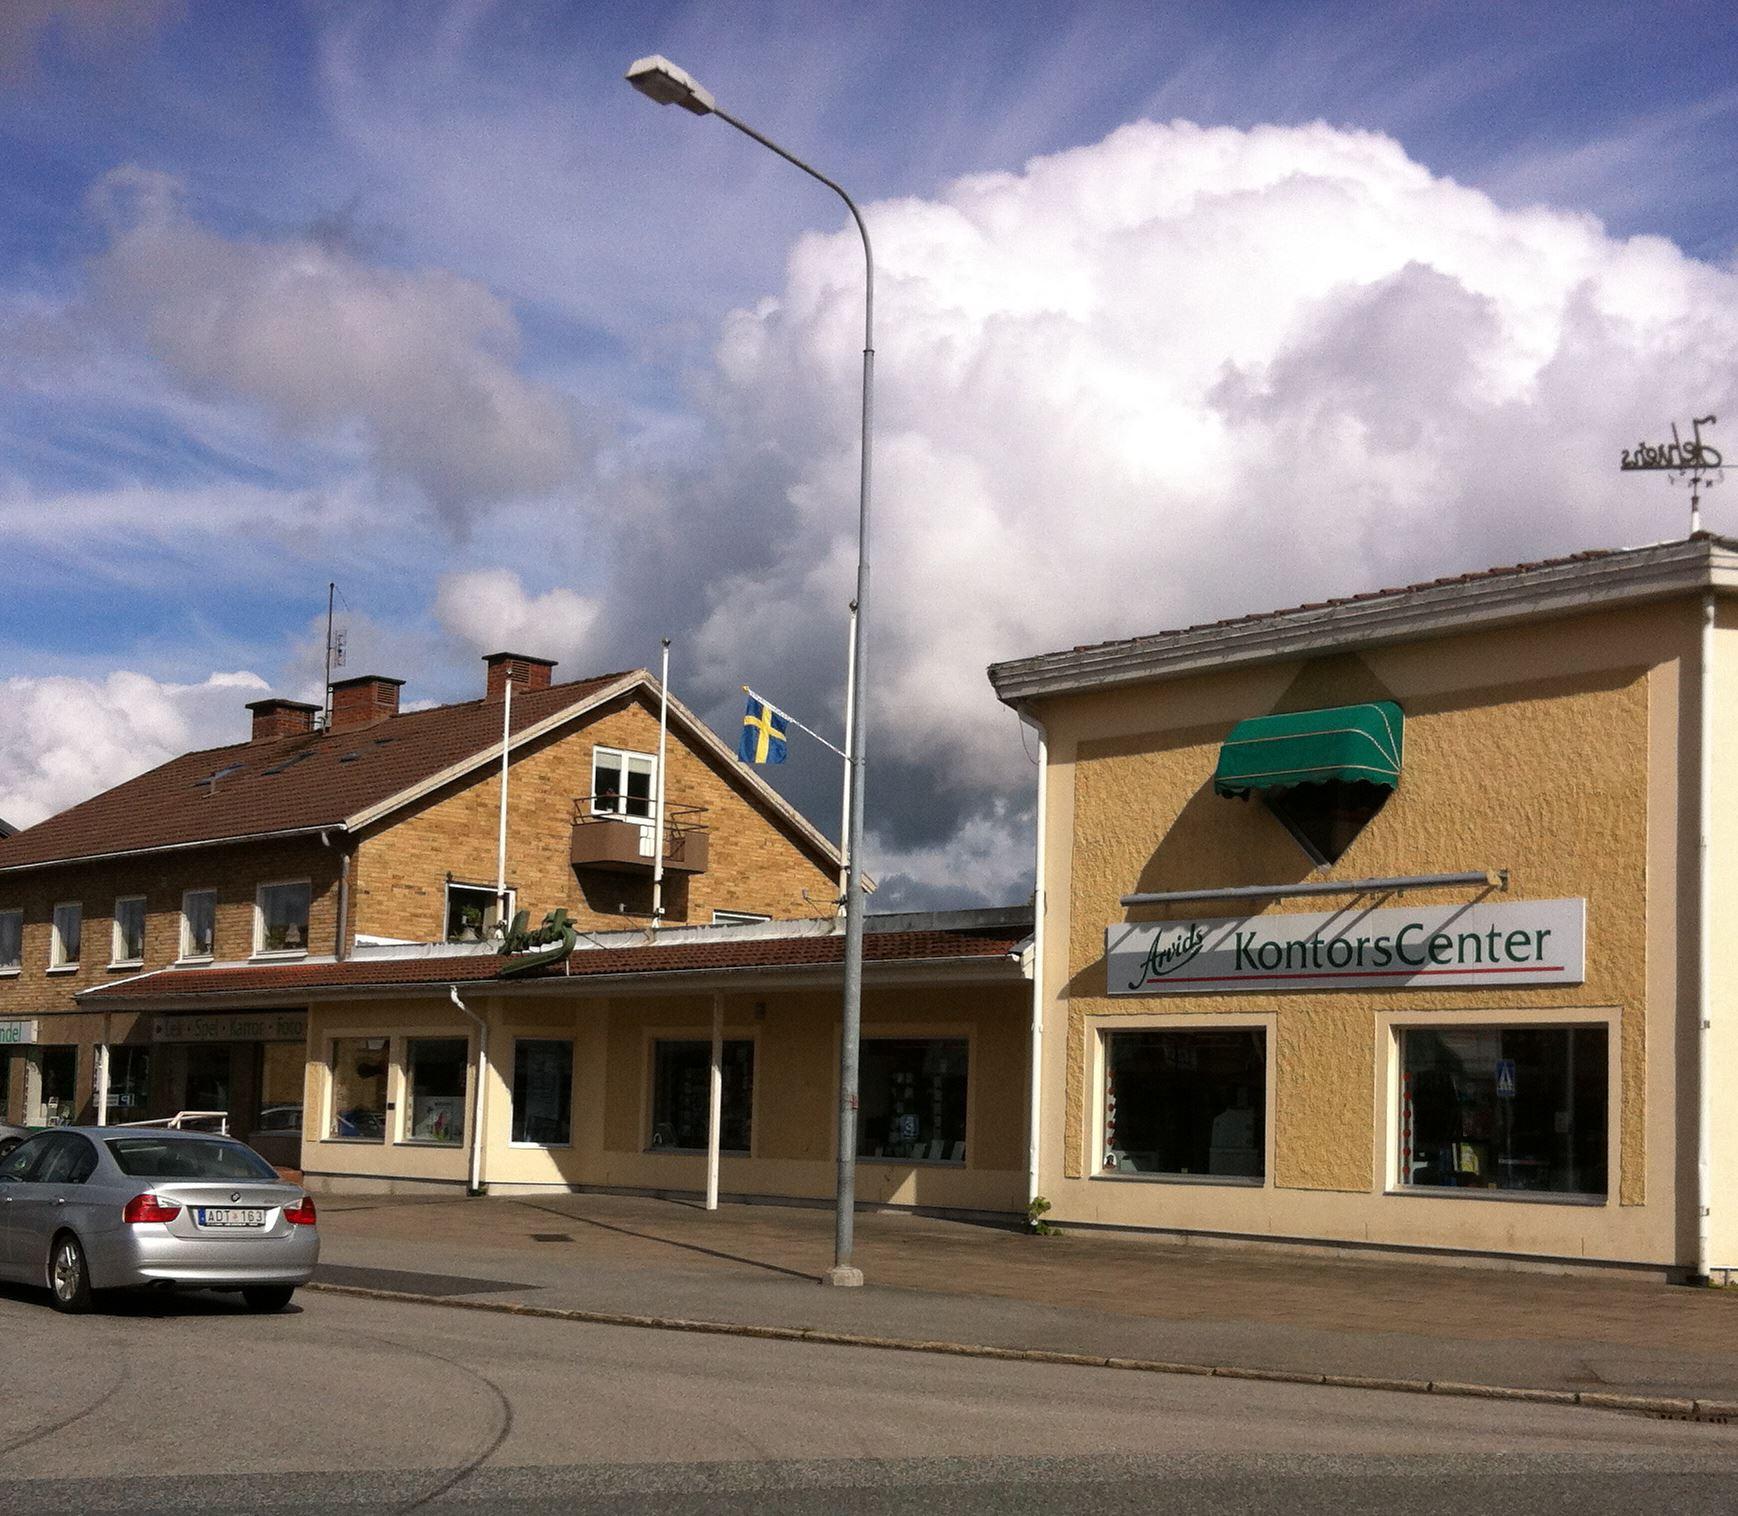 Arvids Bok- och Kontorscenter